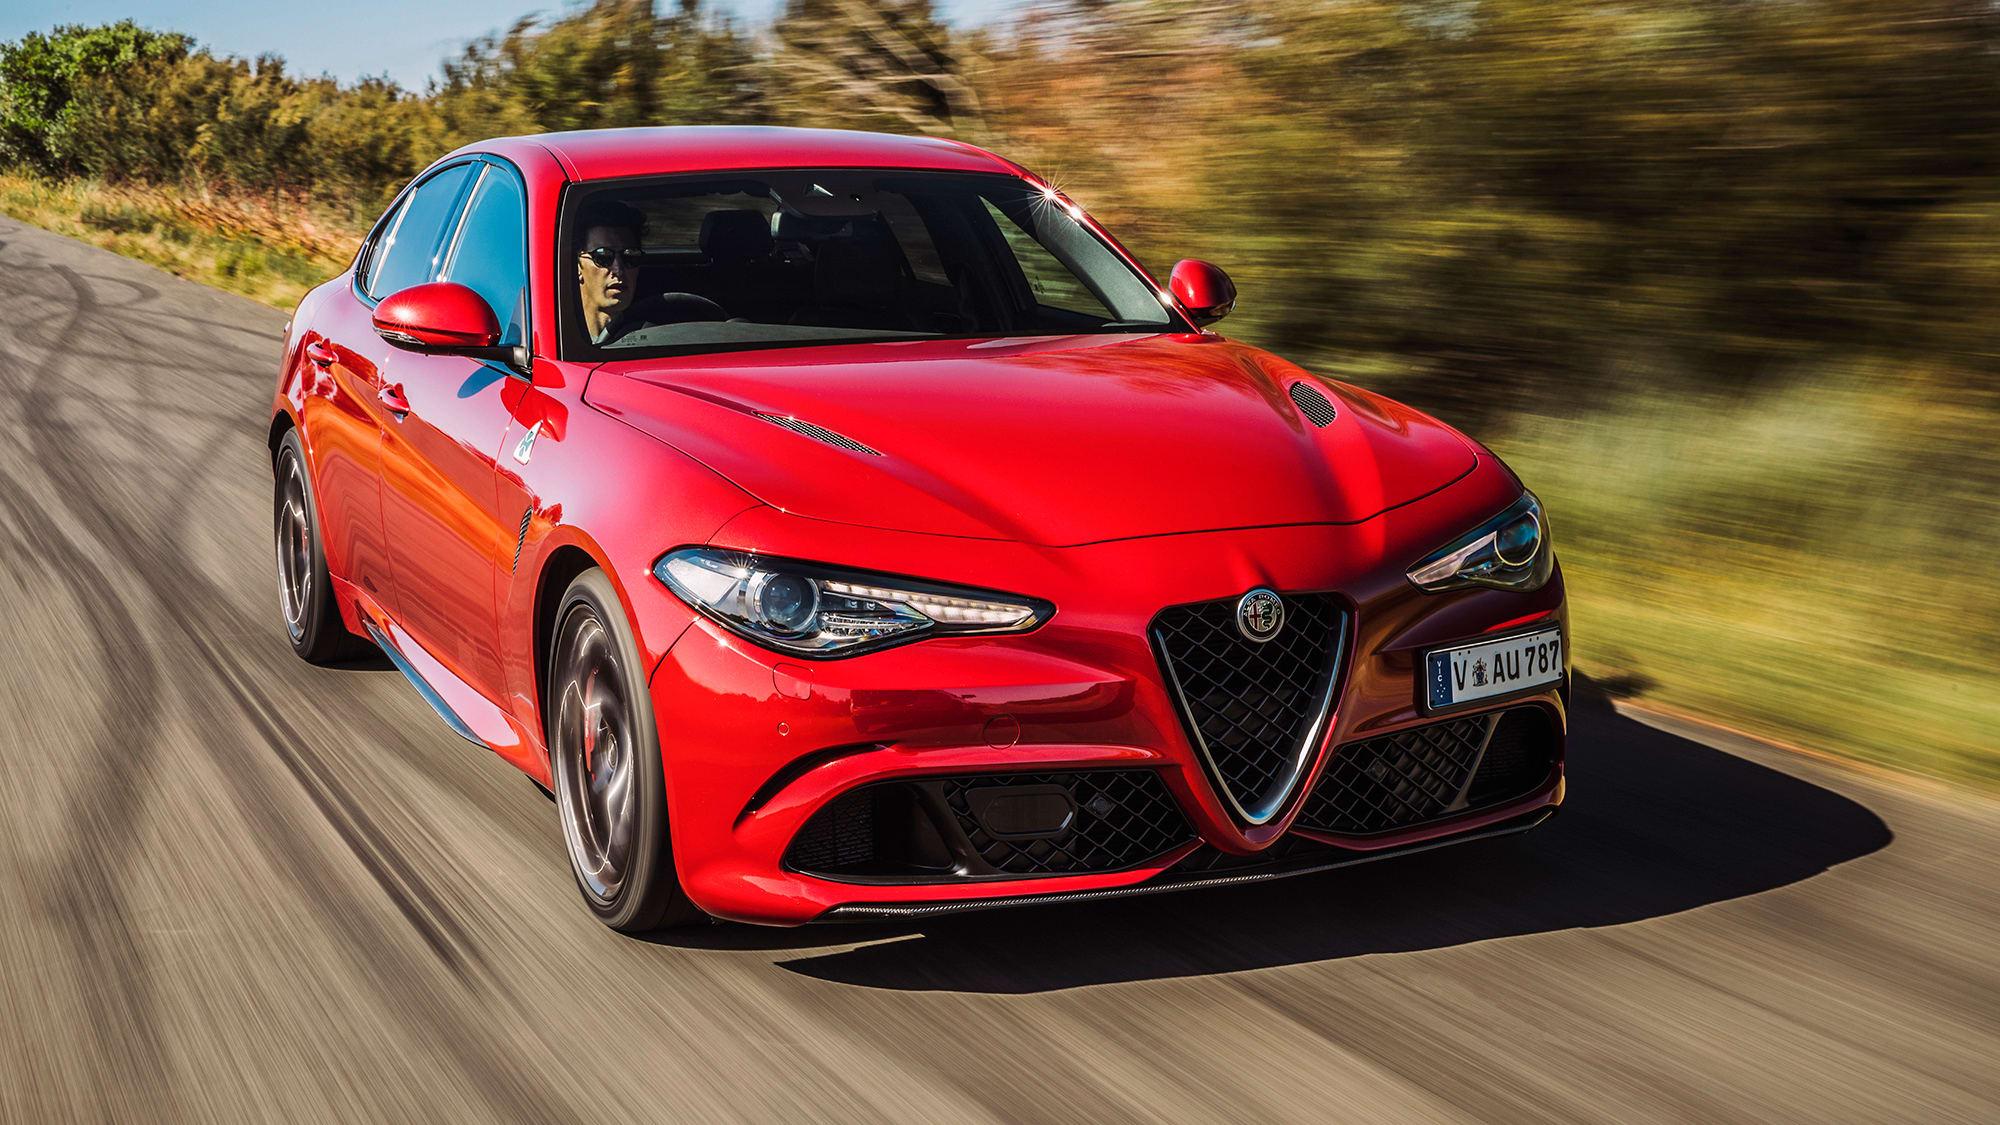 2019 Alfa Romeo Giulia pricing and specs | CarAdvice